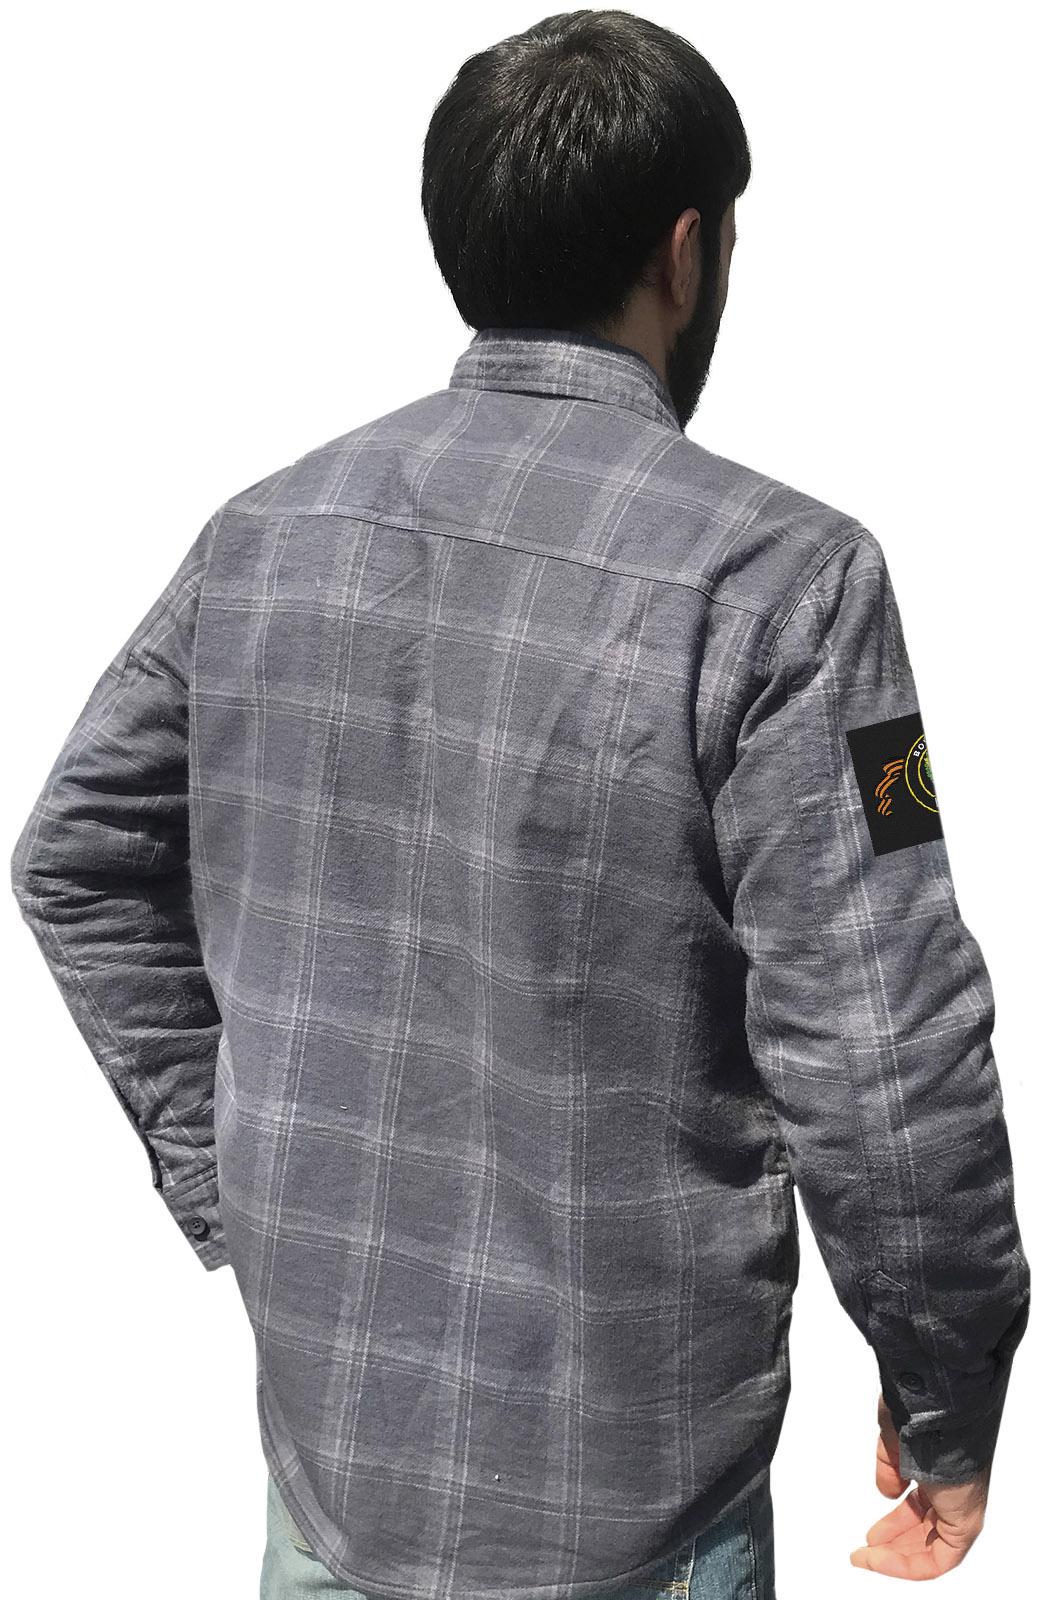 Купить практичную серую рубашку с вышитым шевроном ПВО в подарок мужу